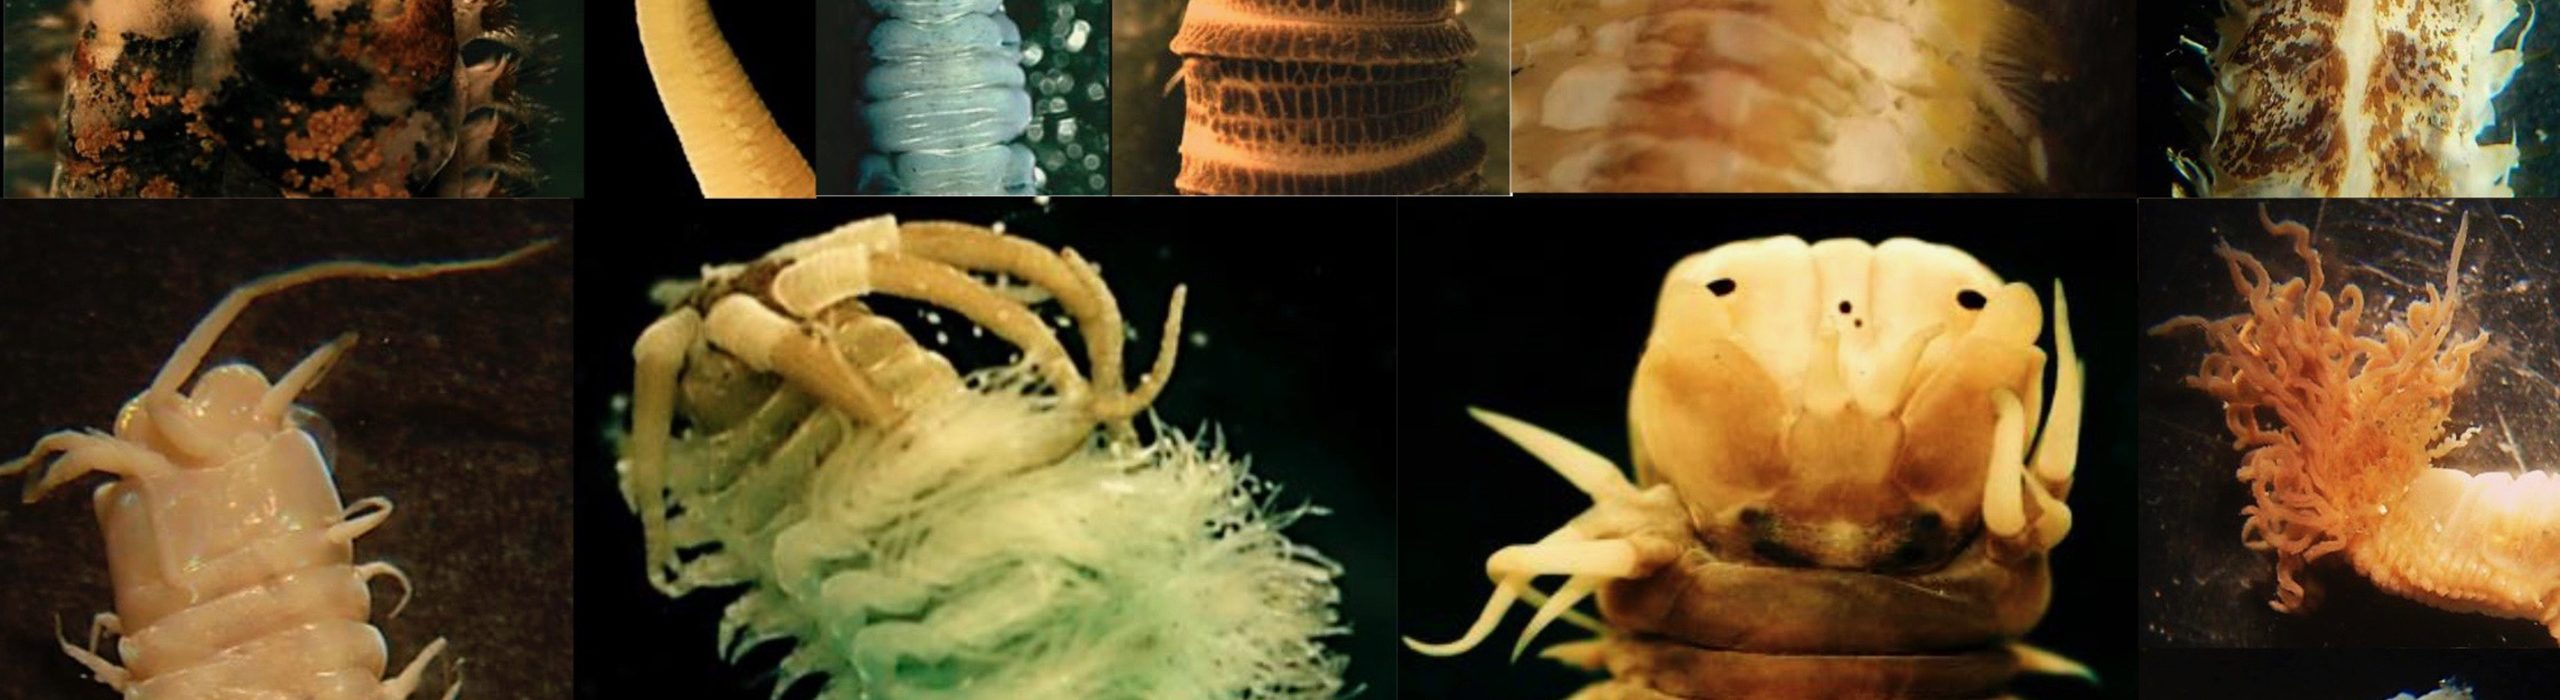 Ponen a disposición los primeros registros actualizados de gusanos marinos de Rapa Nui y Juan Fernández